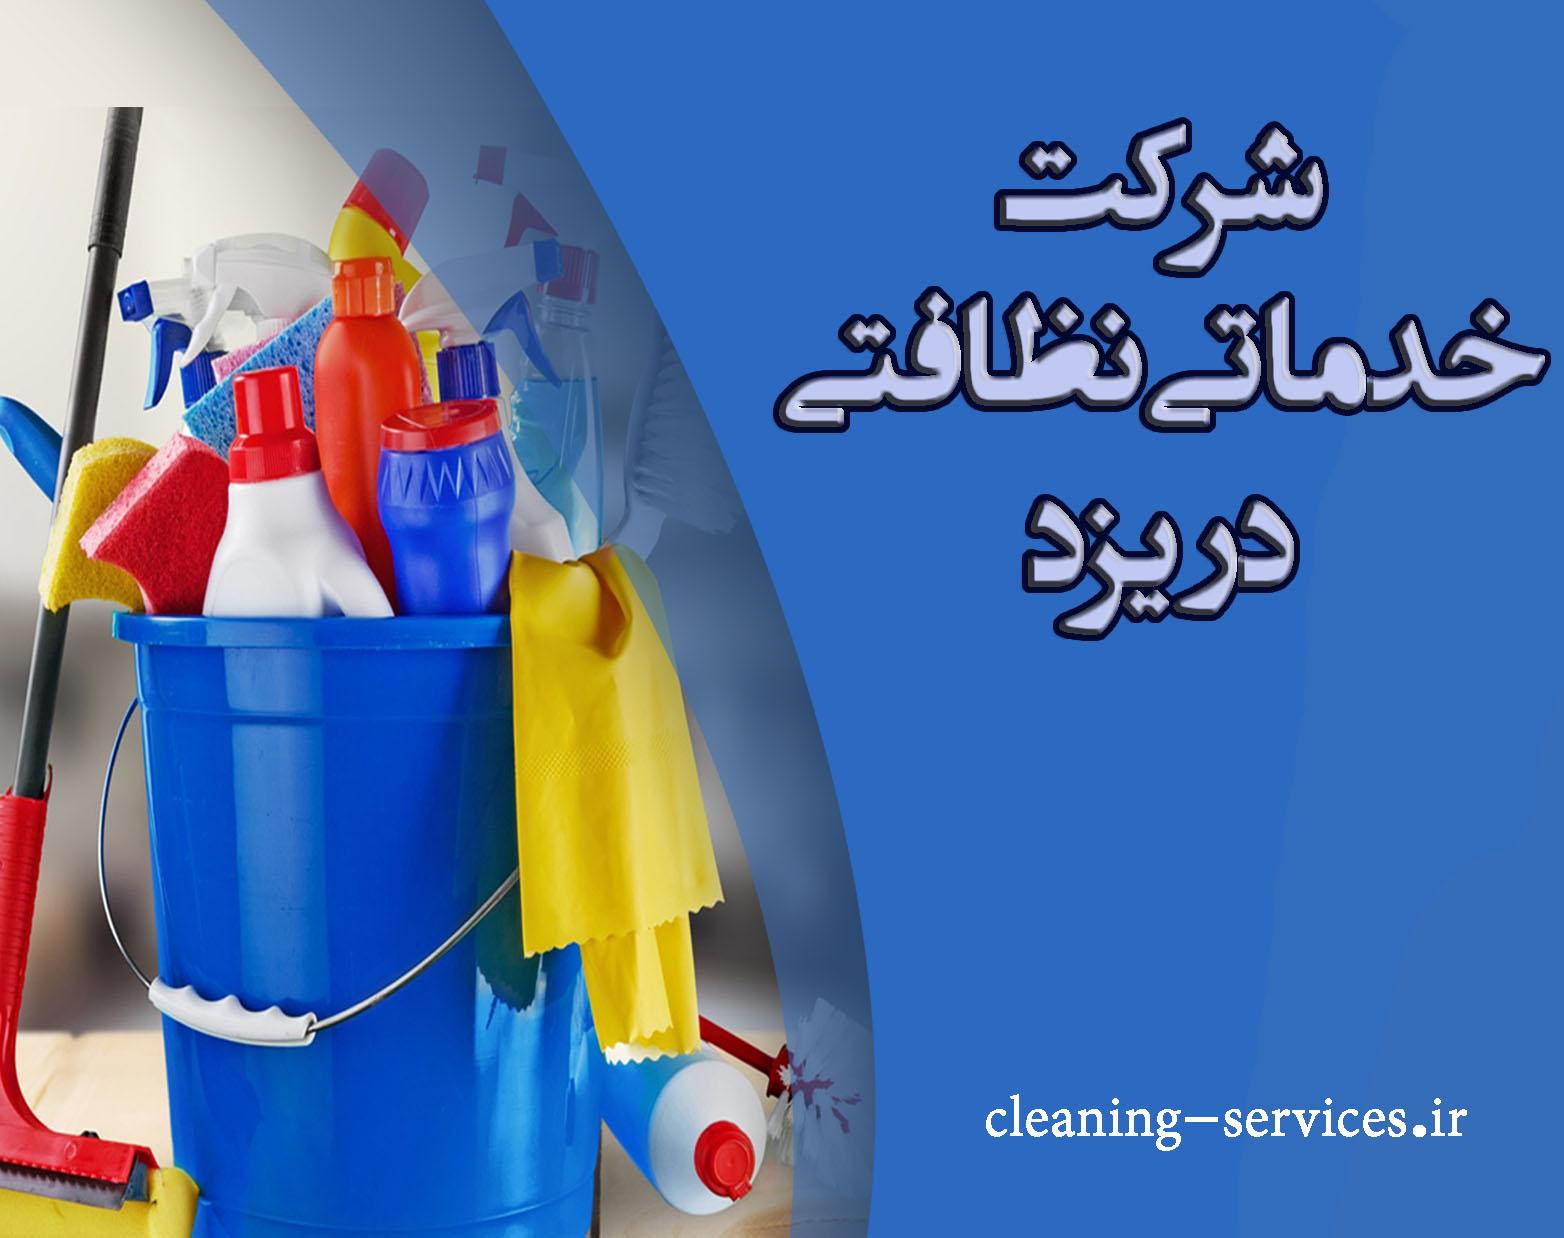 شرکت نظافتی دریزد